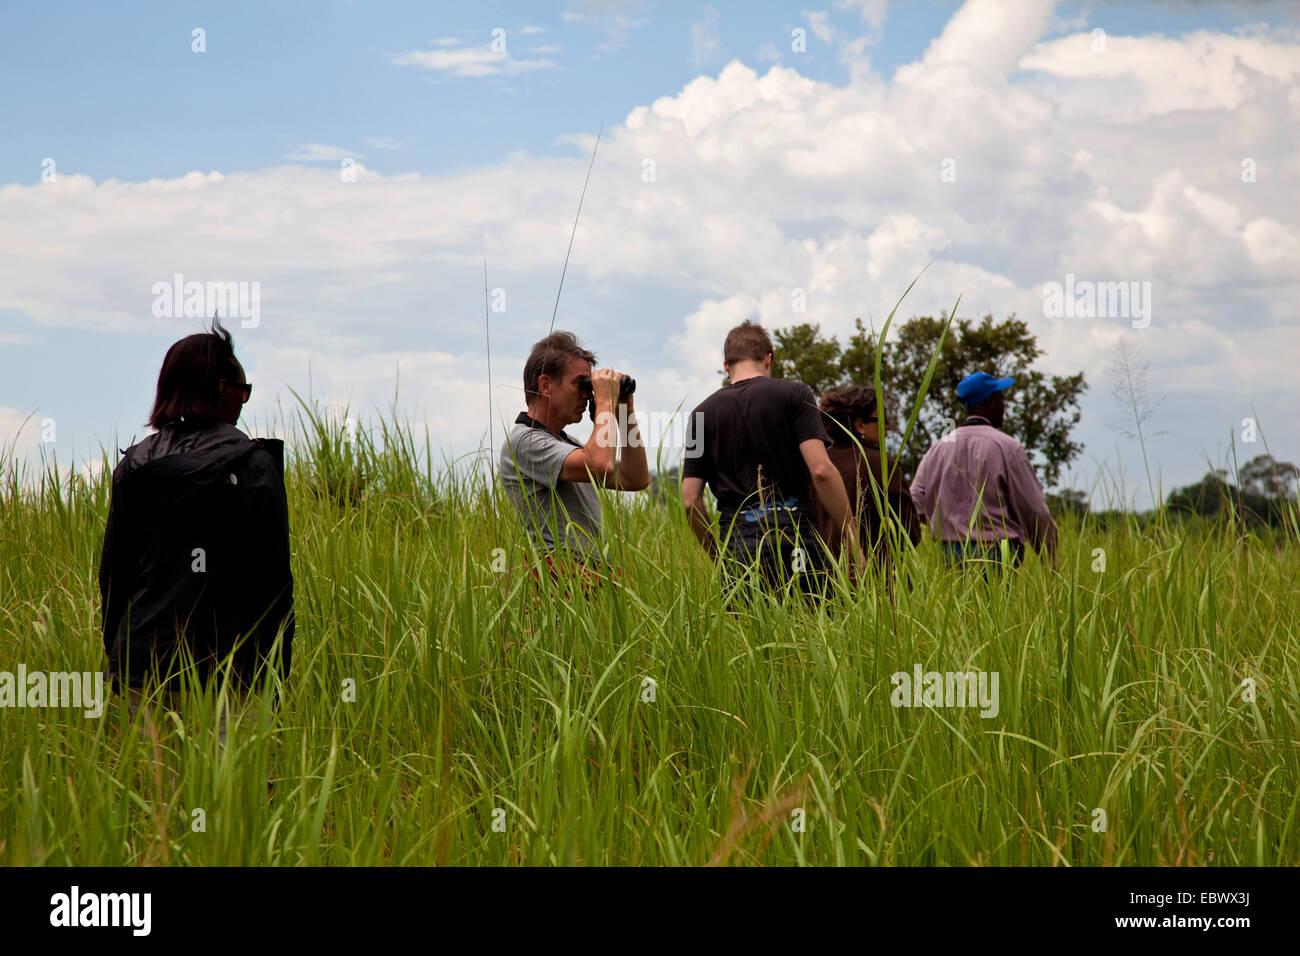 Groupe touristique marche à travers l'herbe haute dans le Parc National de la Ruvubu dans l'Est du Photo Stock